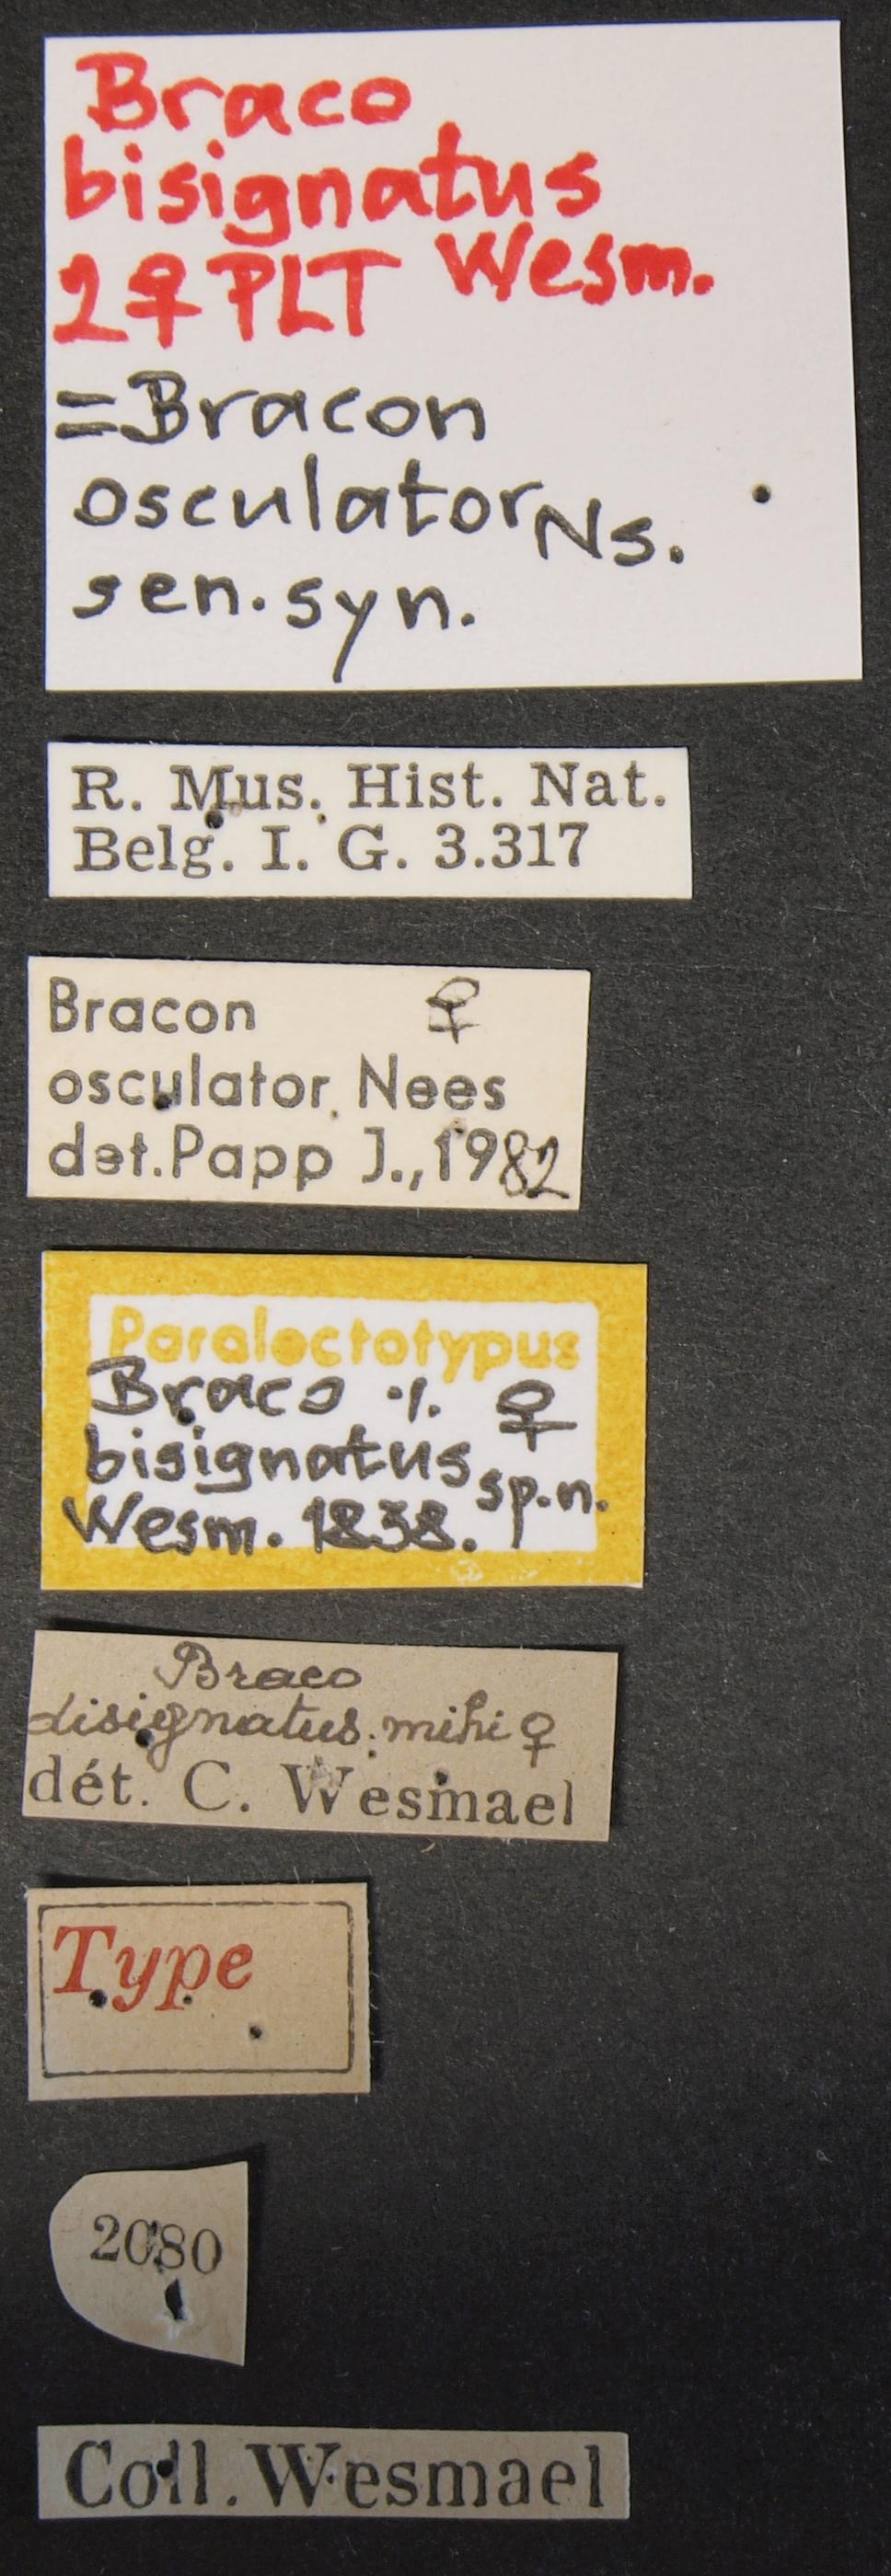 Braco bisignatus plt Lb.JPG